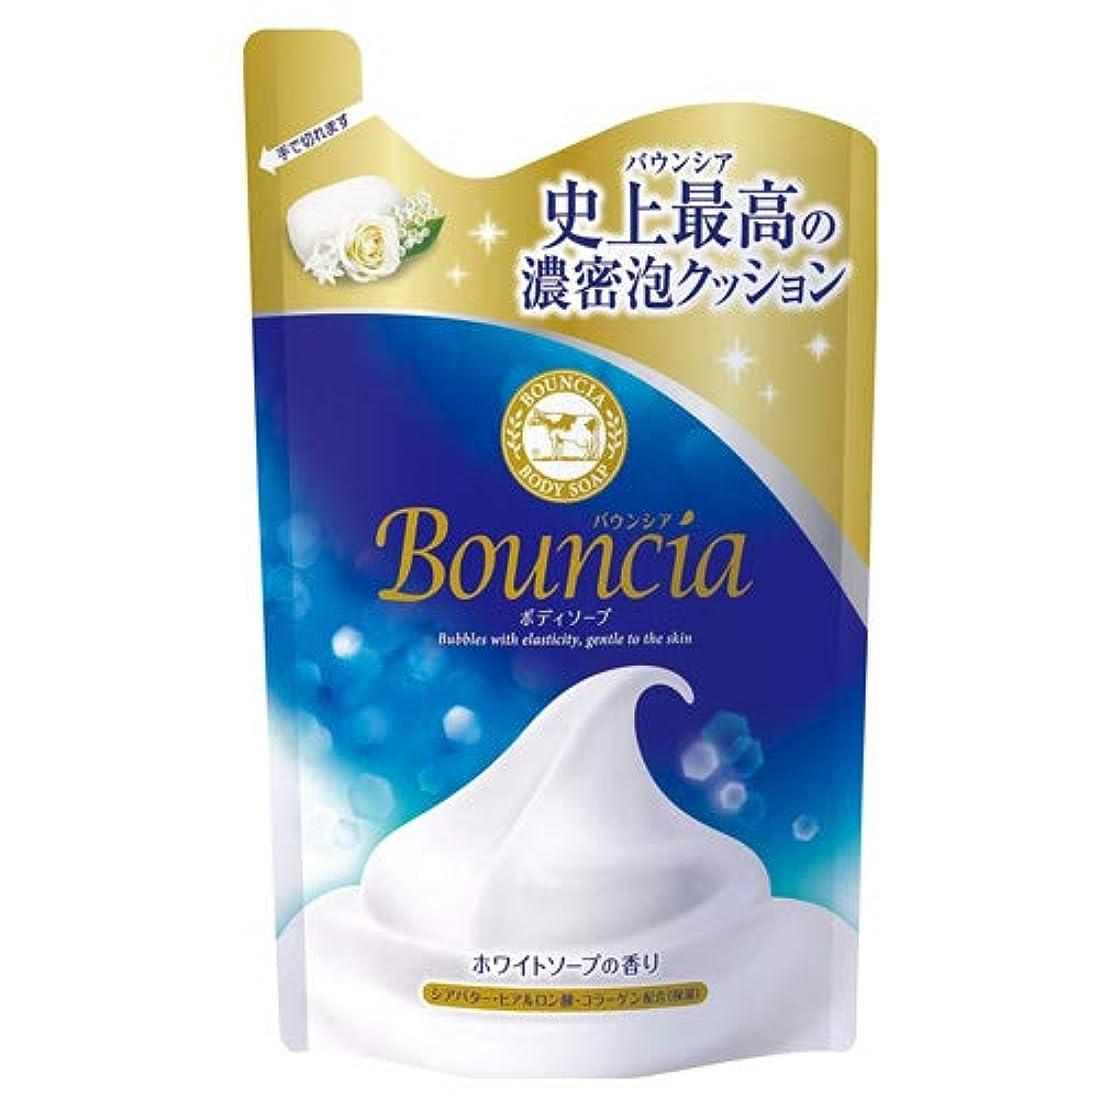 批判的に効率的にぴかぴか牛乳石鹸 バウンシア ボディソープ 詰替用 400ml×4個